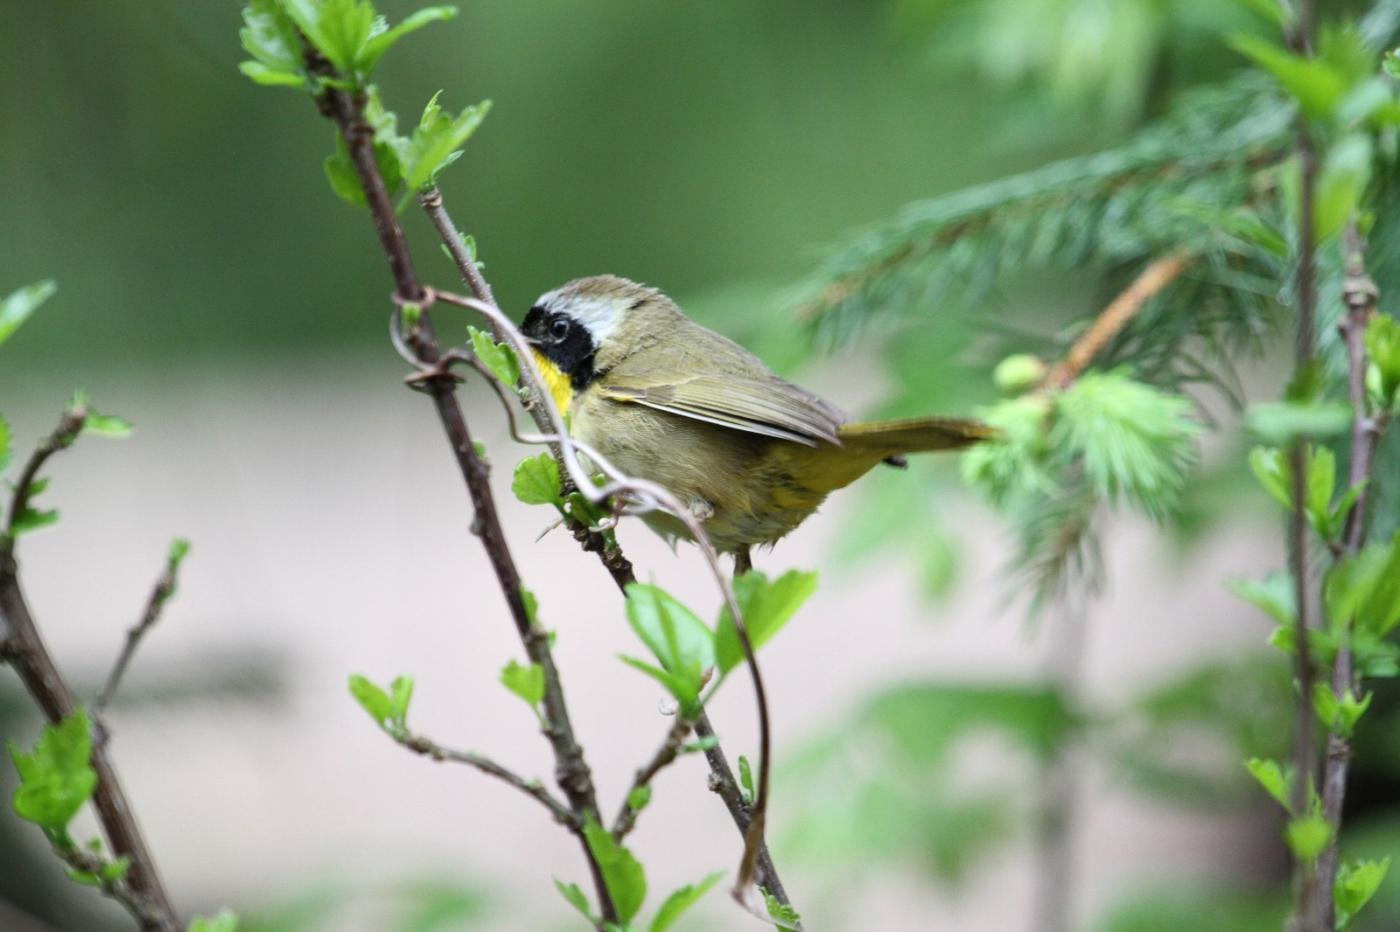 【田螺摄影】雨后窗外的小黄鸟_图1-13